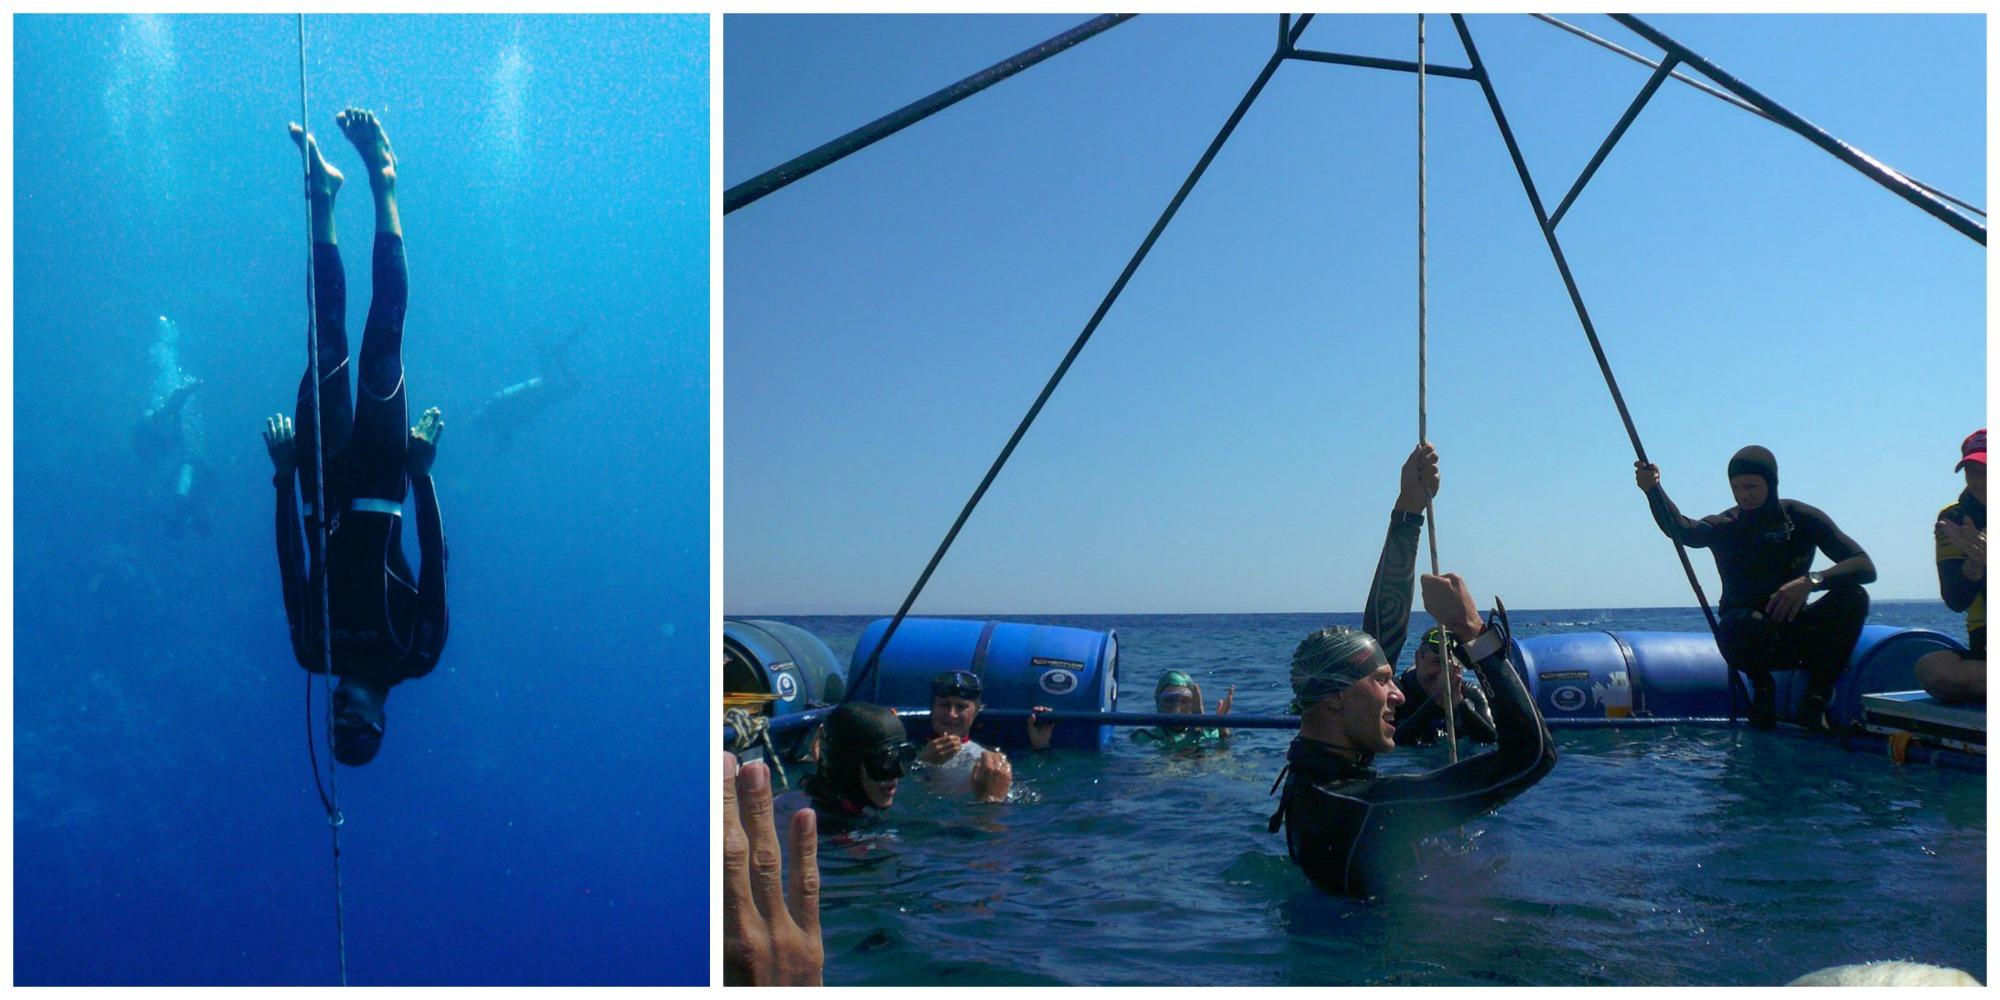 Triple Depth (wrzesień 2009) - ustanowienie przez Mateusza Malinę trzech rekordów narodowych: 70 m stały balast bez płetw (CNF), stały balast (CWT) oraz Free Immersion (FIM)